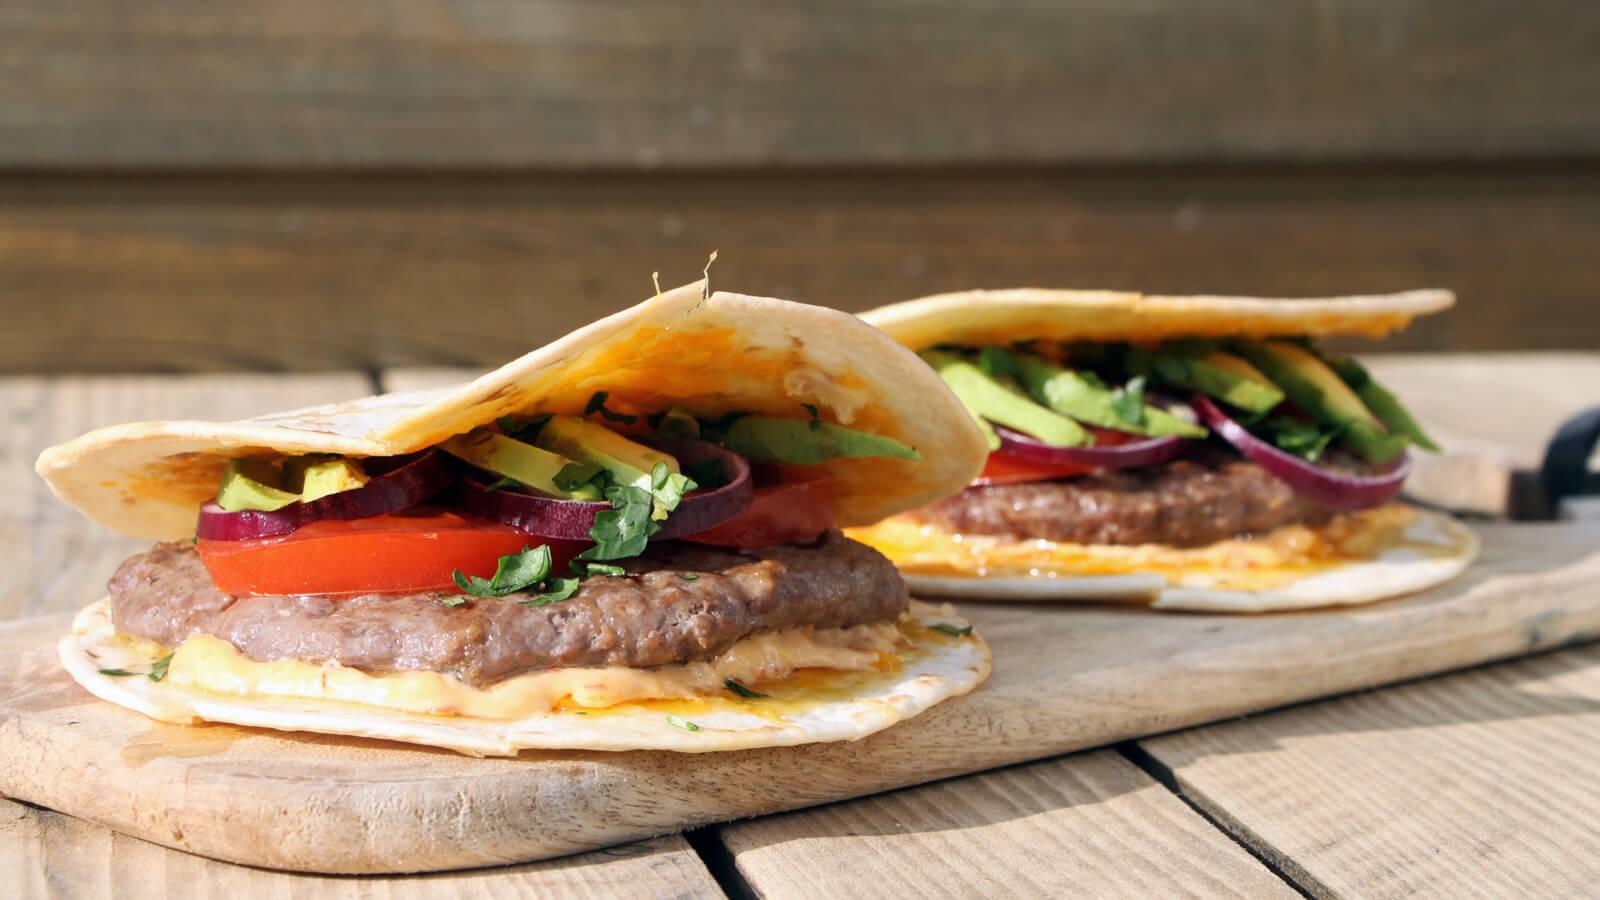 Een keer iets anders dan de standaard burgers? Ga dan voor deze quesadilla burgers van de BBQ!